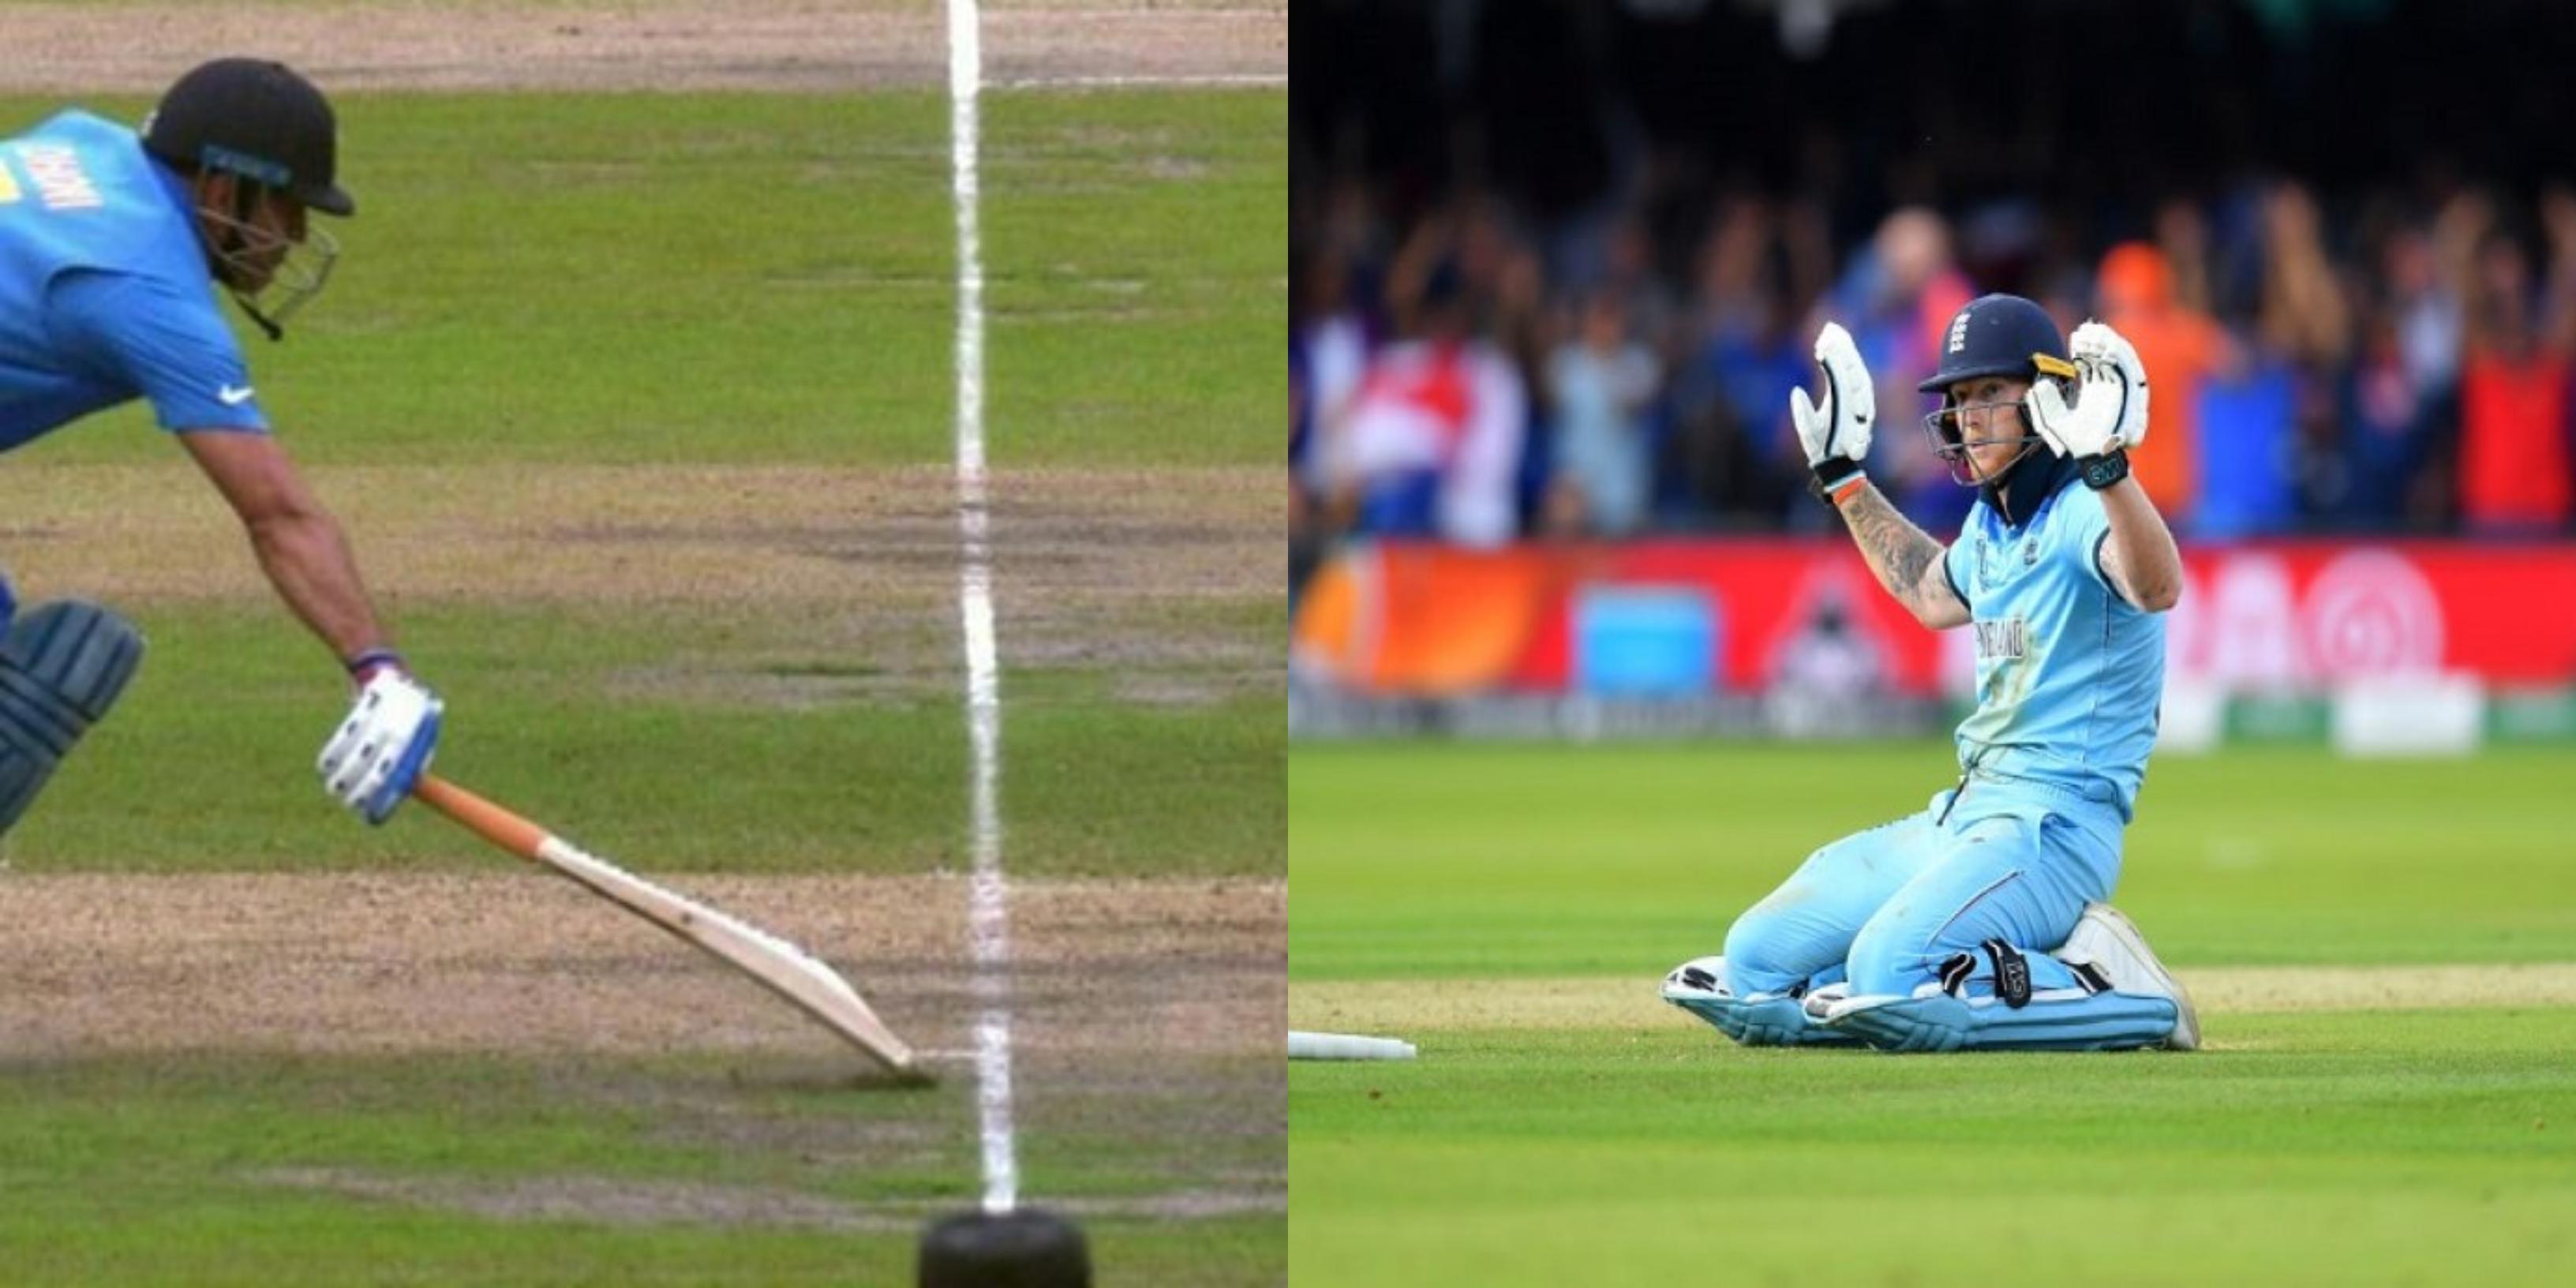 विश्व कप 2019 के 5 ऐसे पल जब मैदान पर ही भावुक हो गये खिलाड़ी, 1 गेंद से बदल गया मैच 8